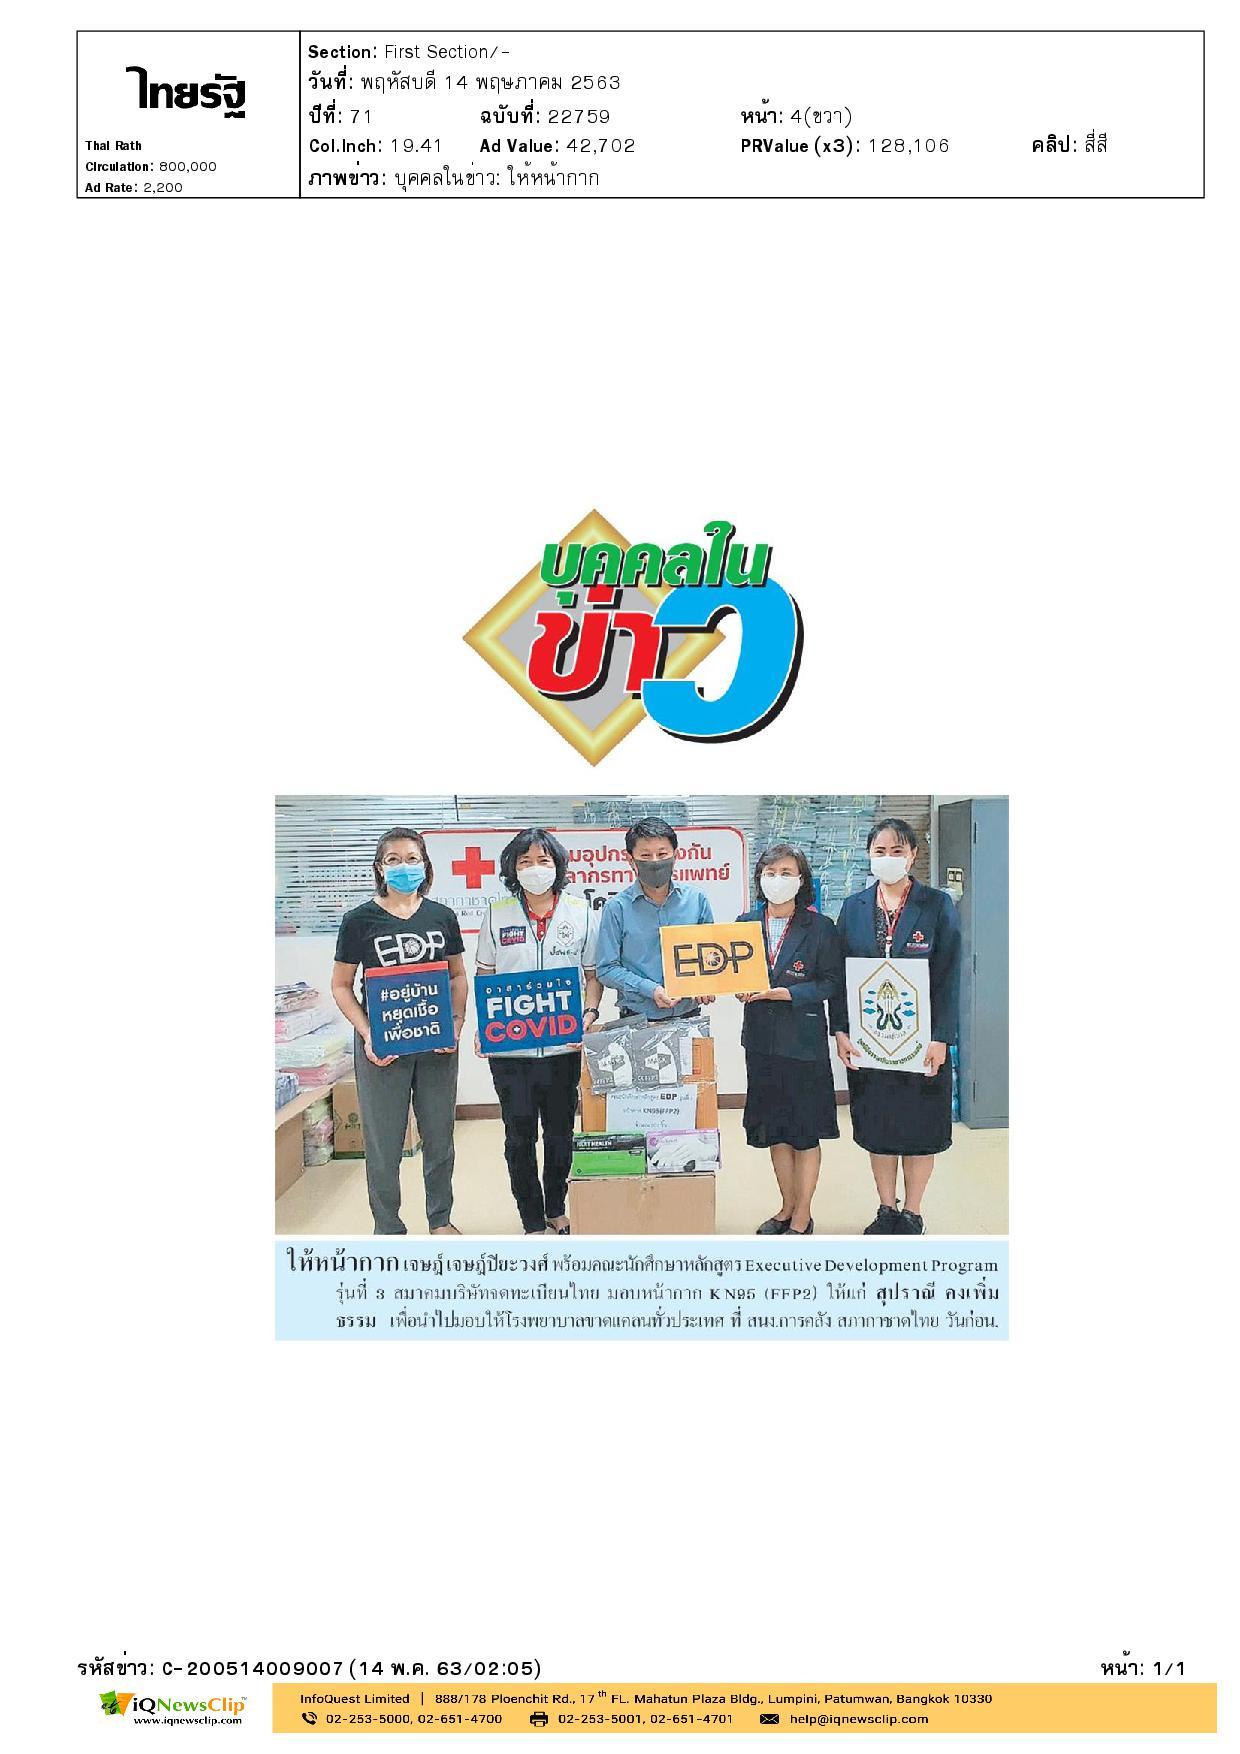 มอบหน้ากาก KN95 ให้สภากาชาดไทย